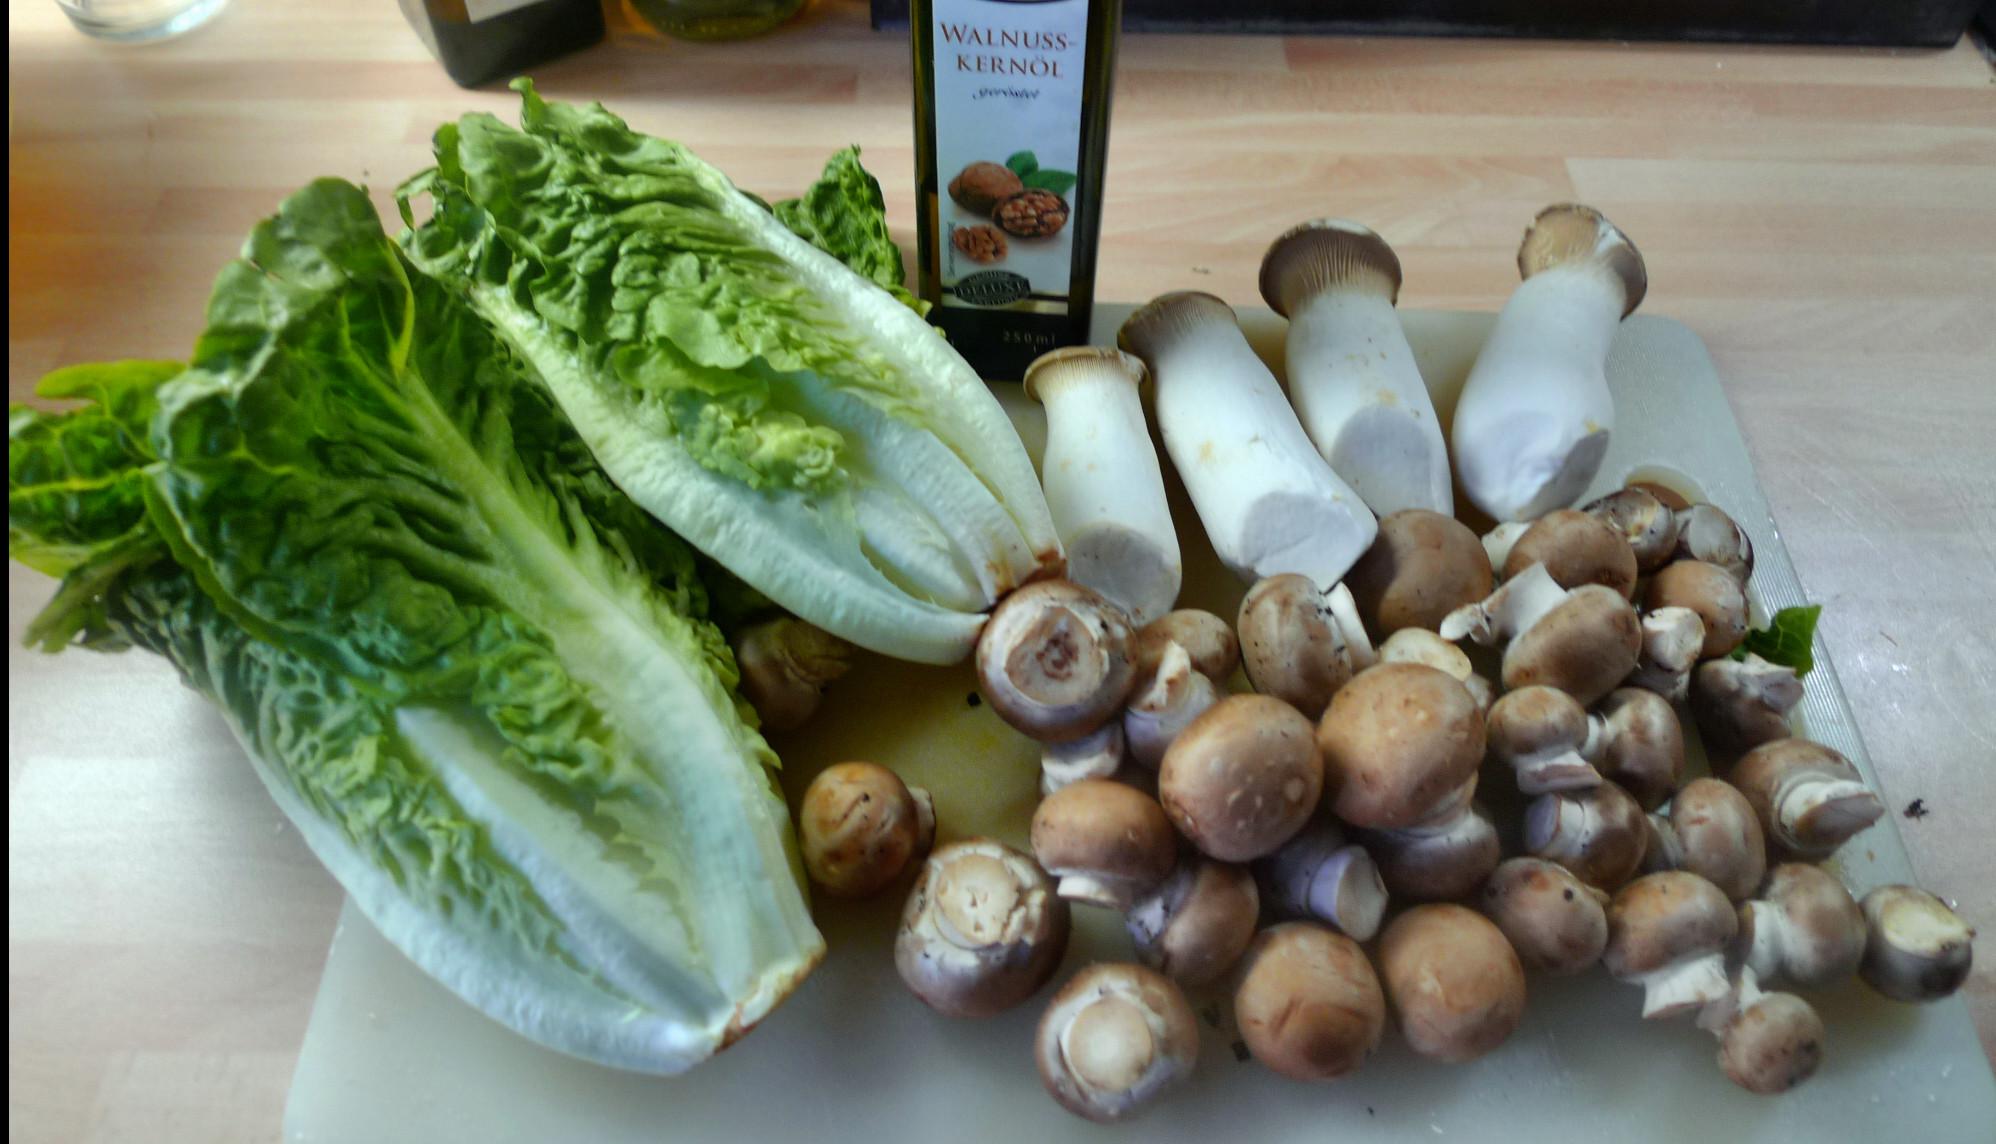 Roh gebratene Kartoffeln,Kräutersaitlinge,Champignon,Römersalat - 26.2.15   (1a)